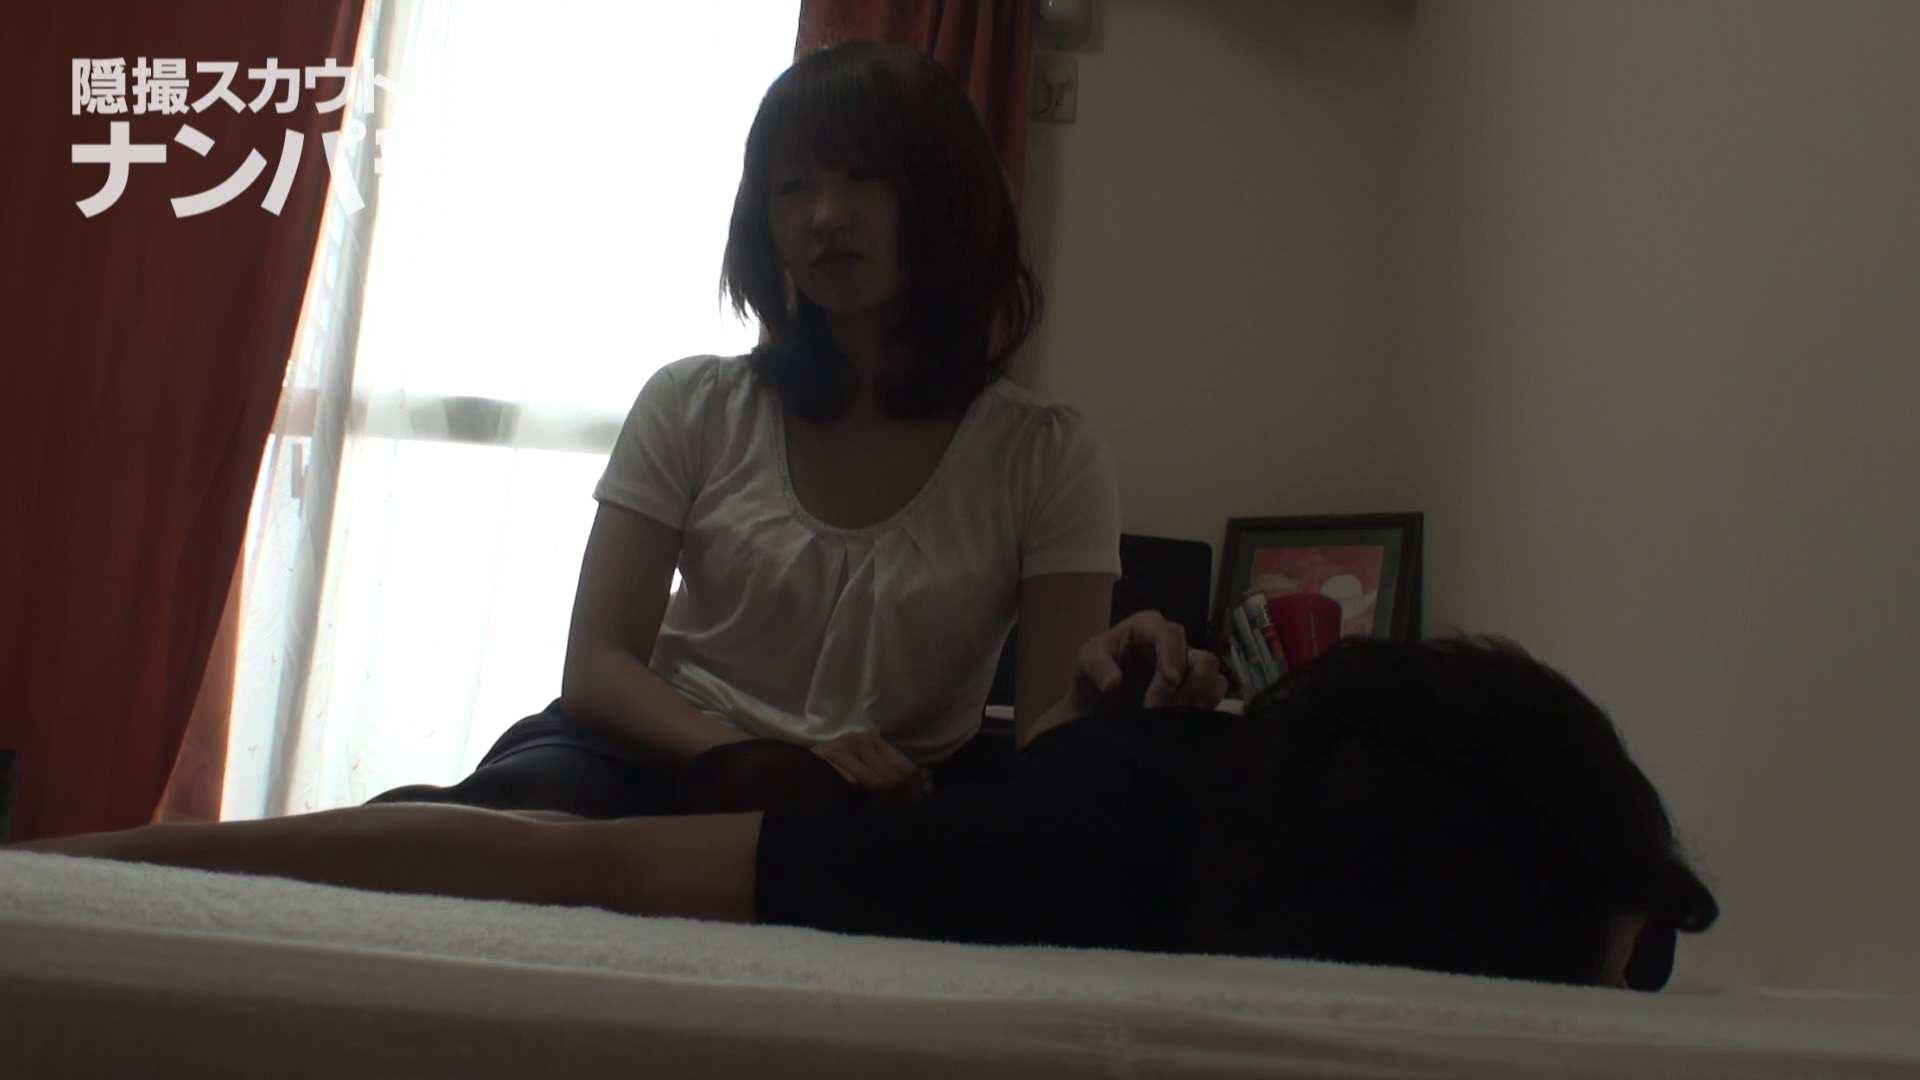 隠撮スカウトマンのナンパ部屋~風俗デビュー前のつまみ食い~ siivol.2 ナンパ  80pic 10